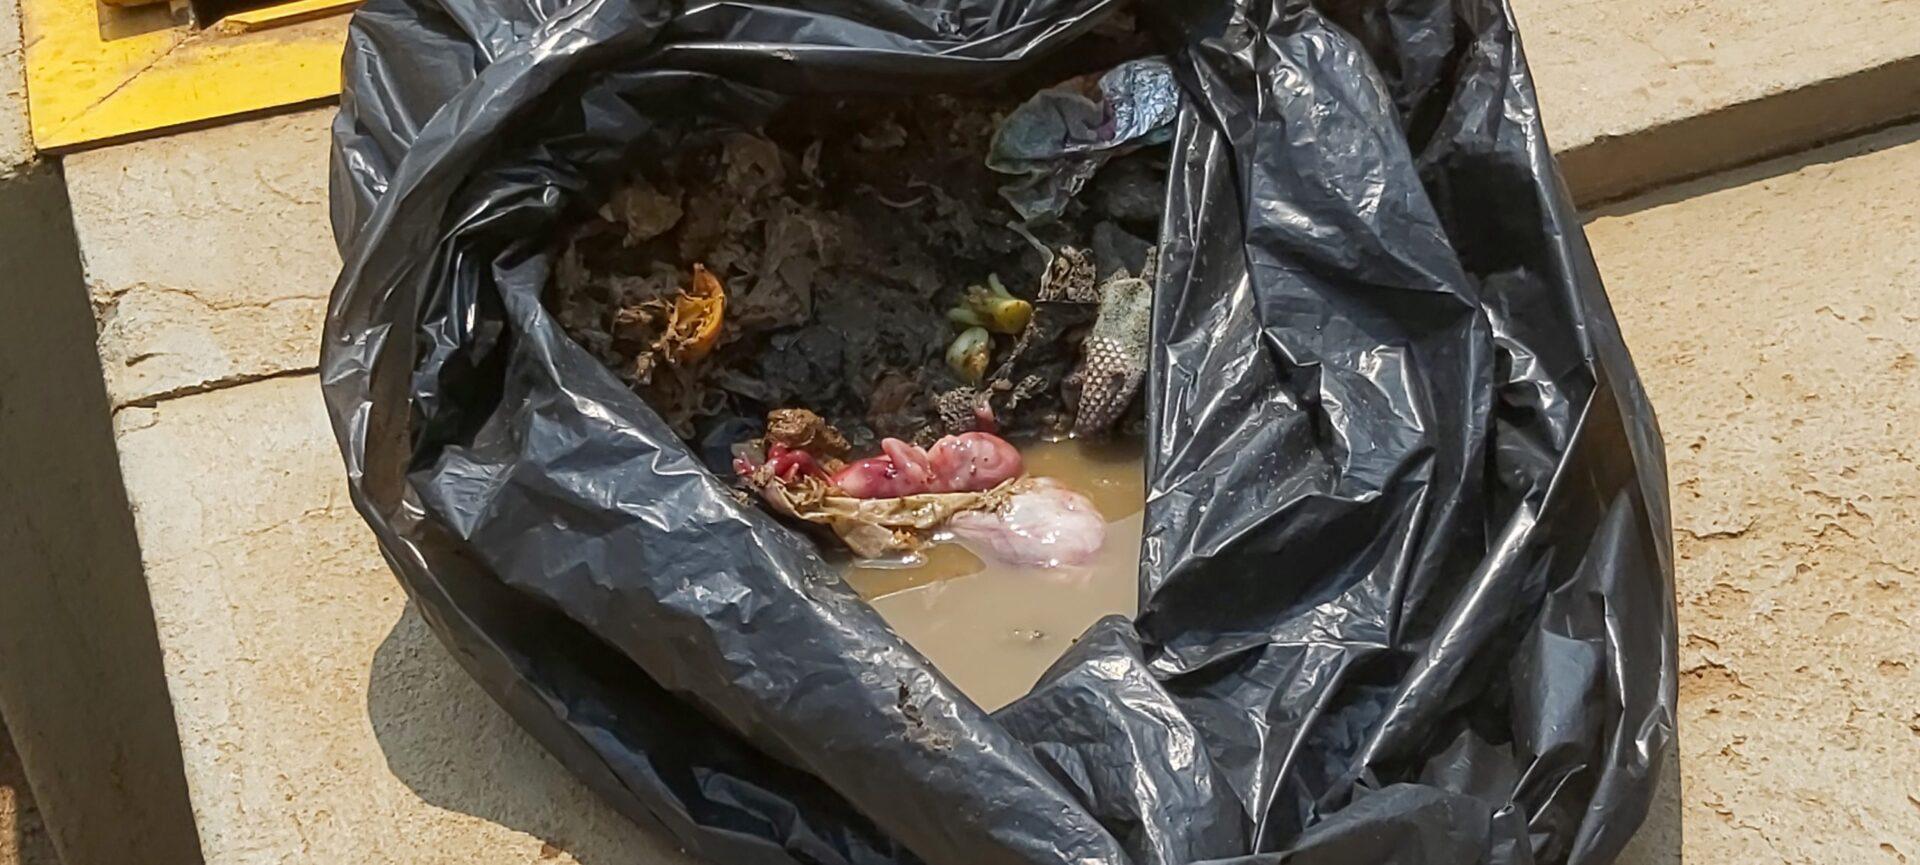 URGENTE: Feto é encontrado dentro de saco plástico em PG